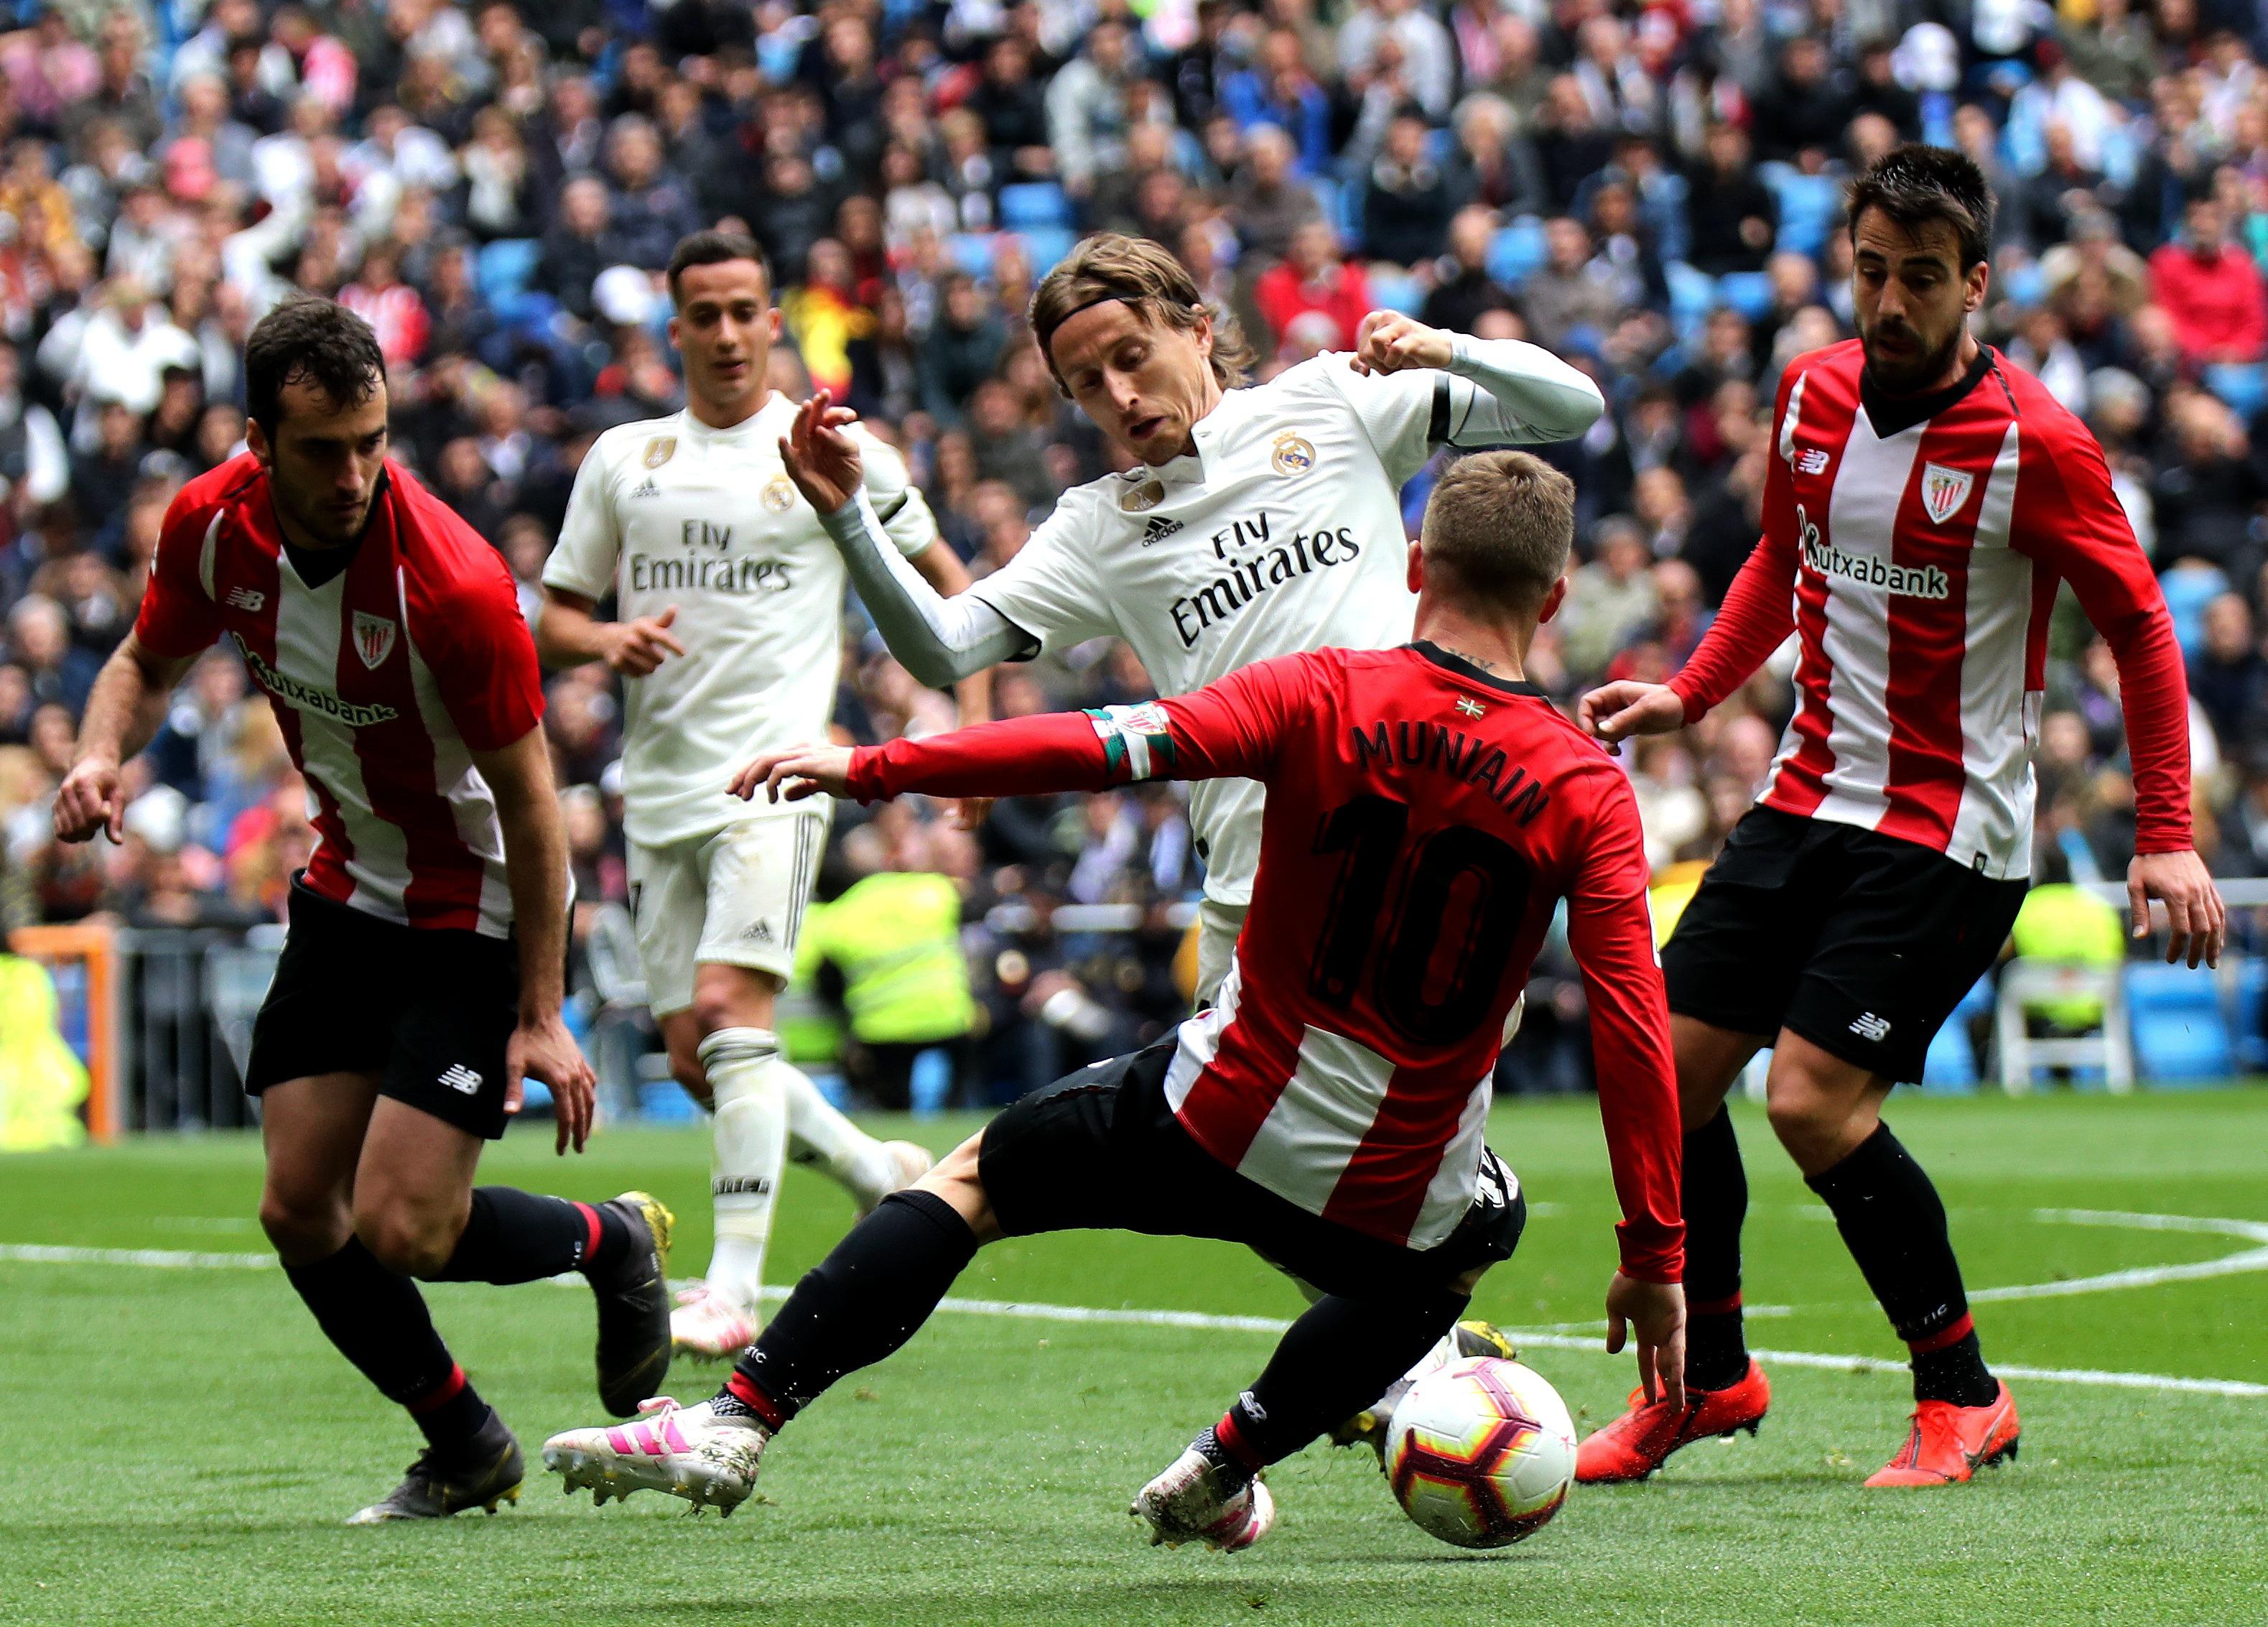 足球——西甲:皇家馬德里勝畢爾巴鄂競技圖片